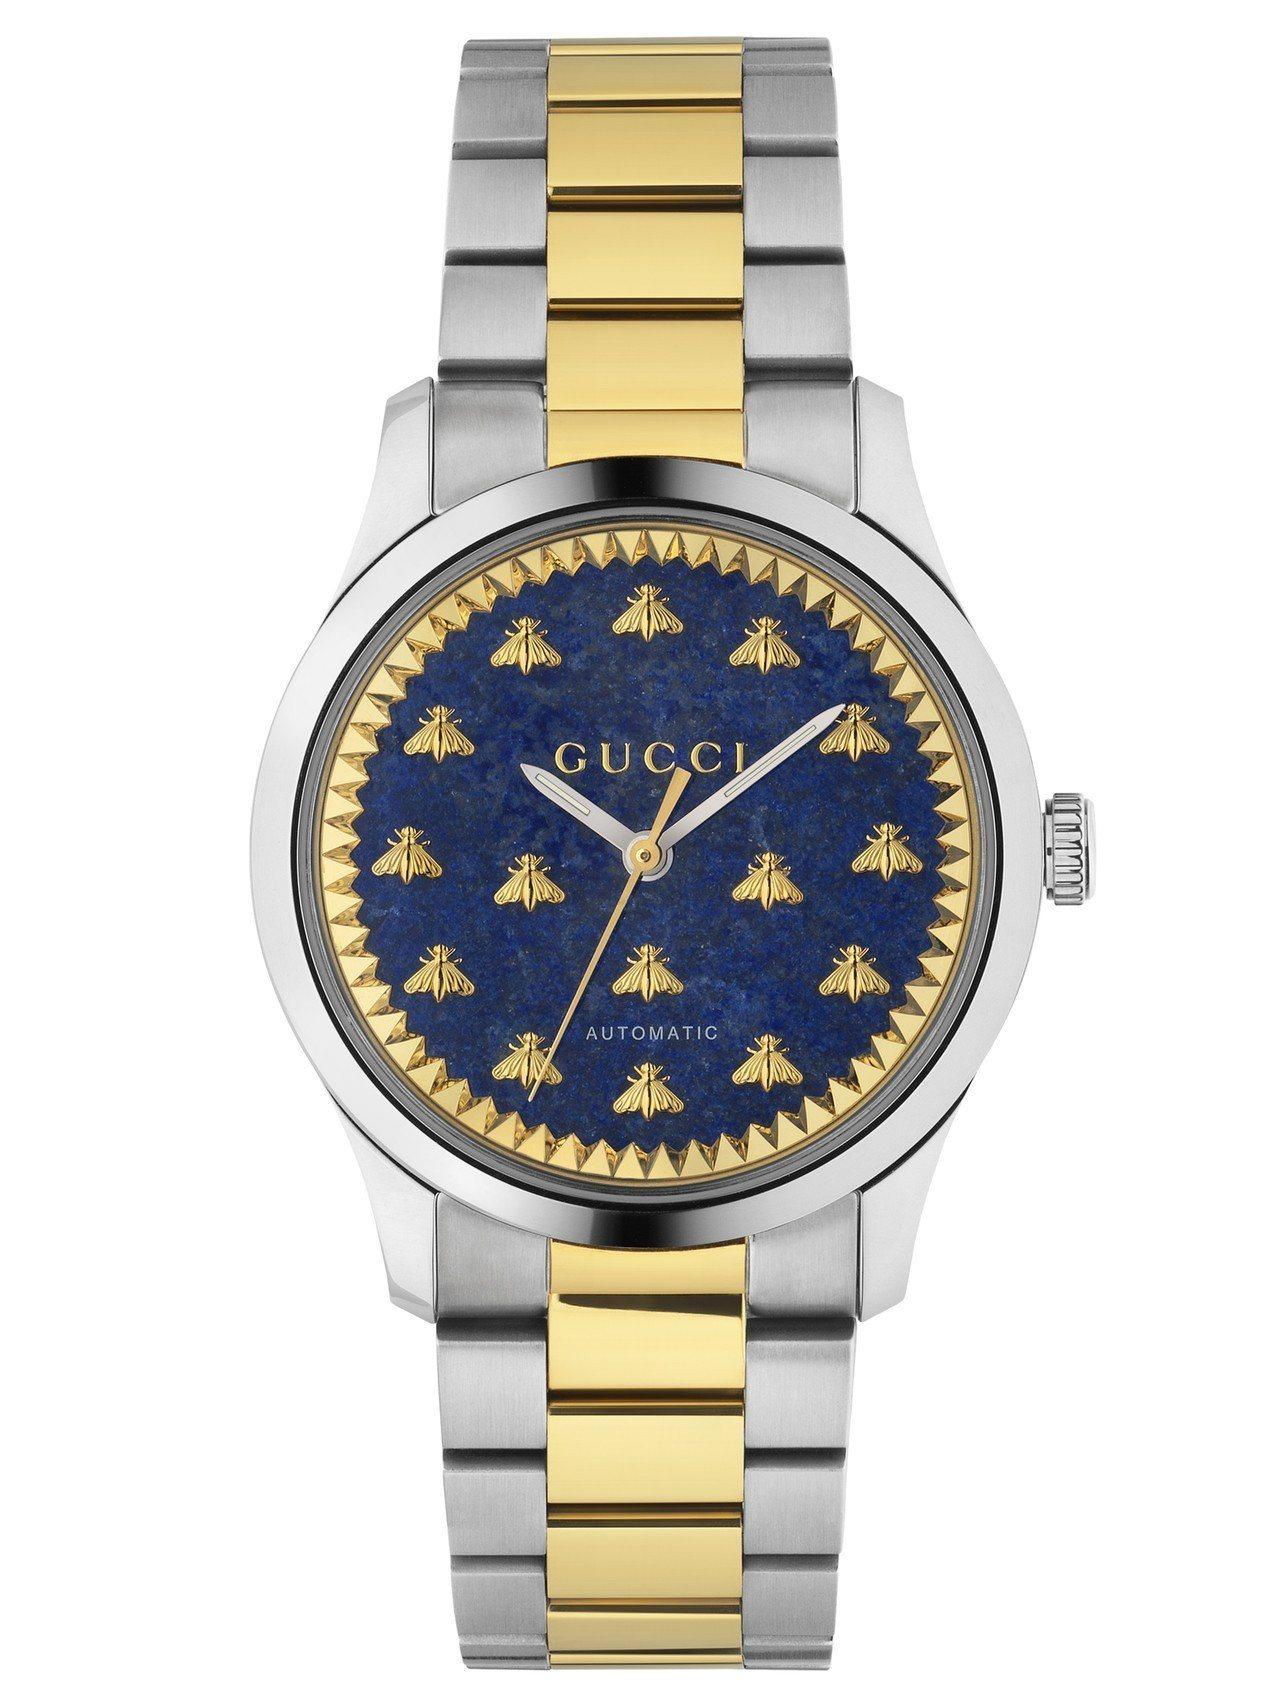 G-Timeless 38毫米自動上鍊腕表,不鏽鋼表殼、藍色青金石及金色蜜蜂裝飾...